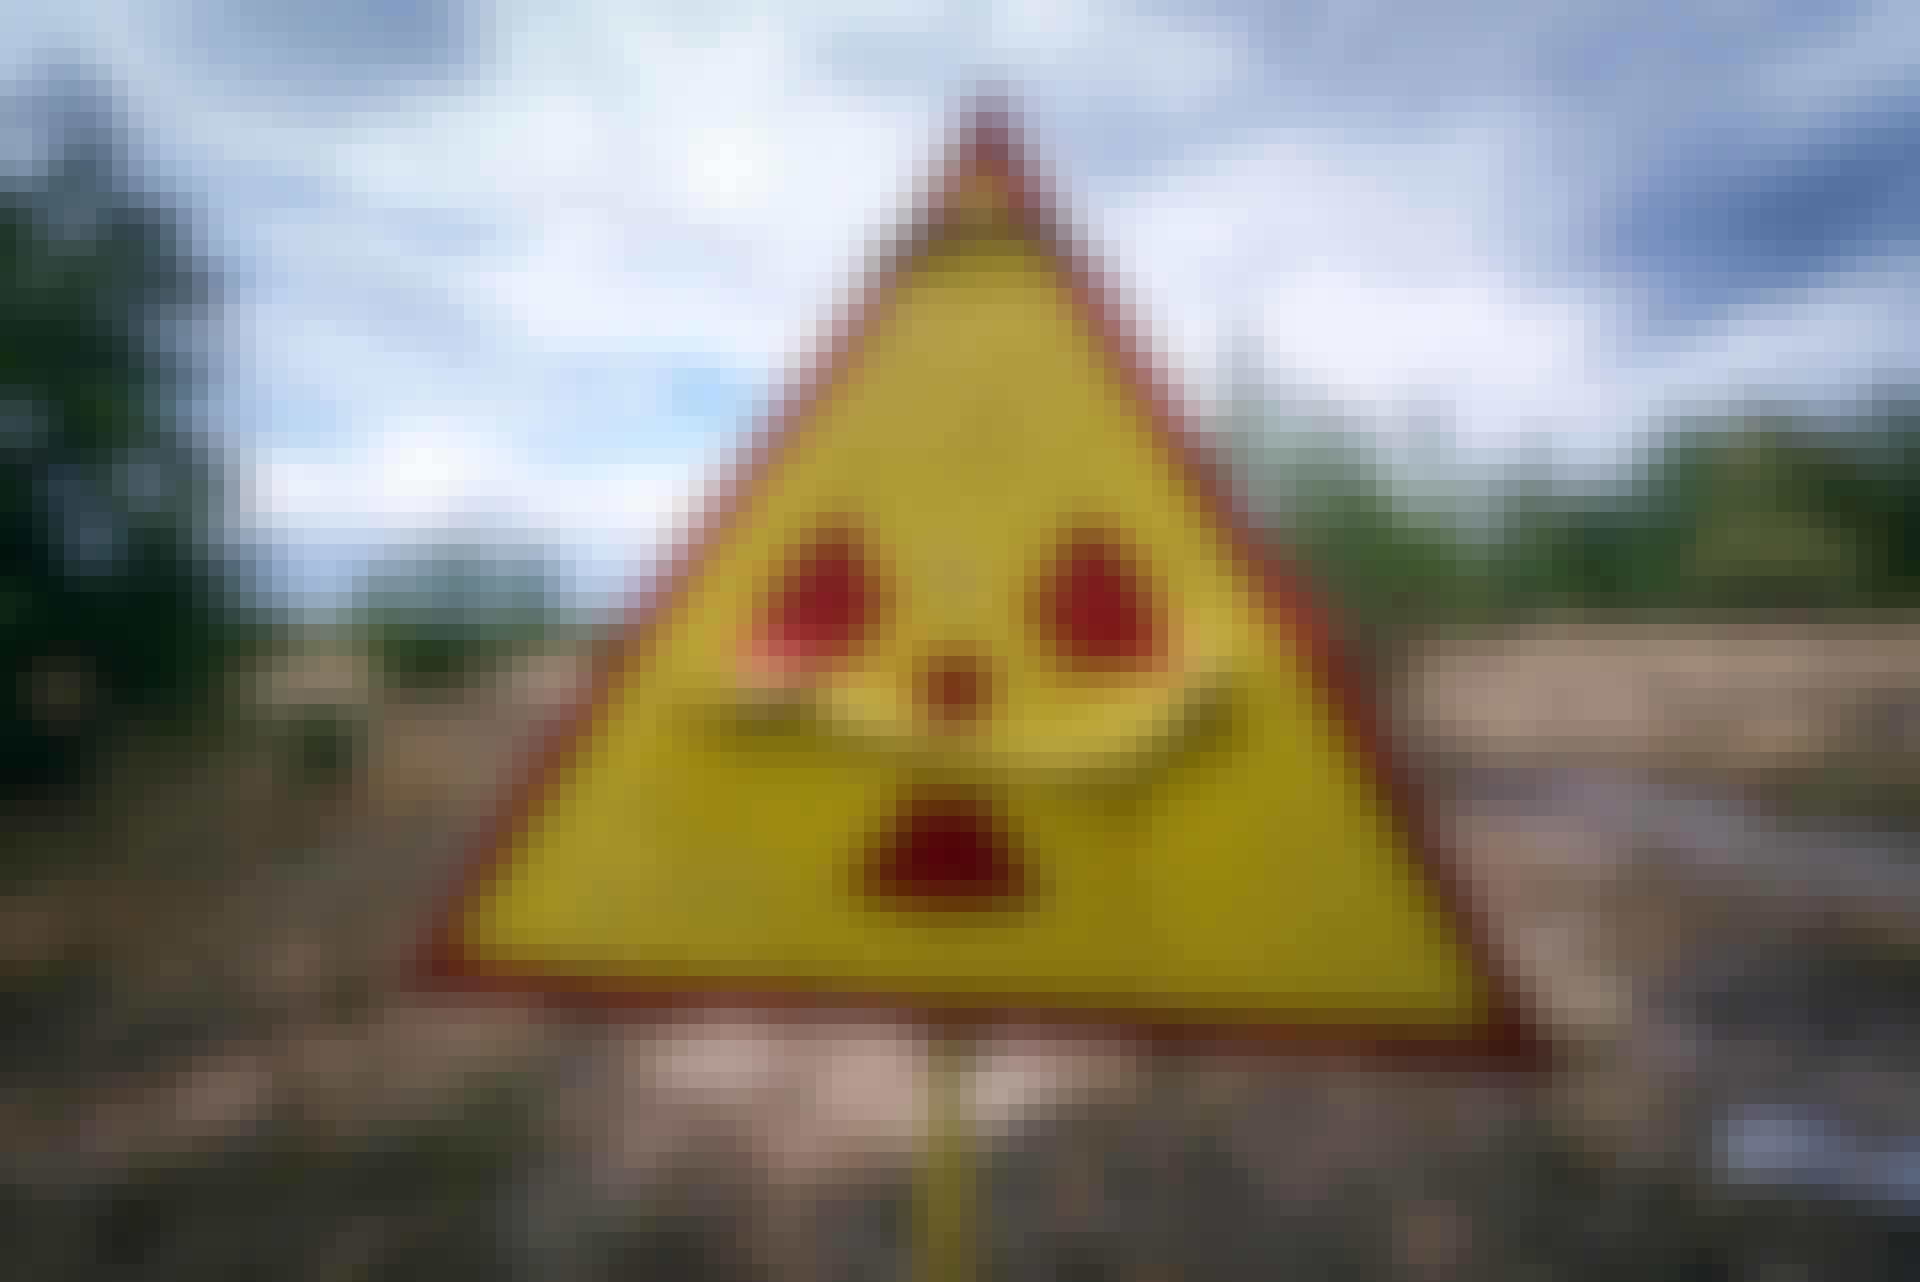 radioaktiv stråling